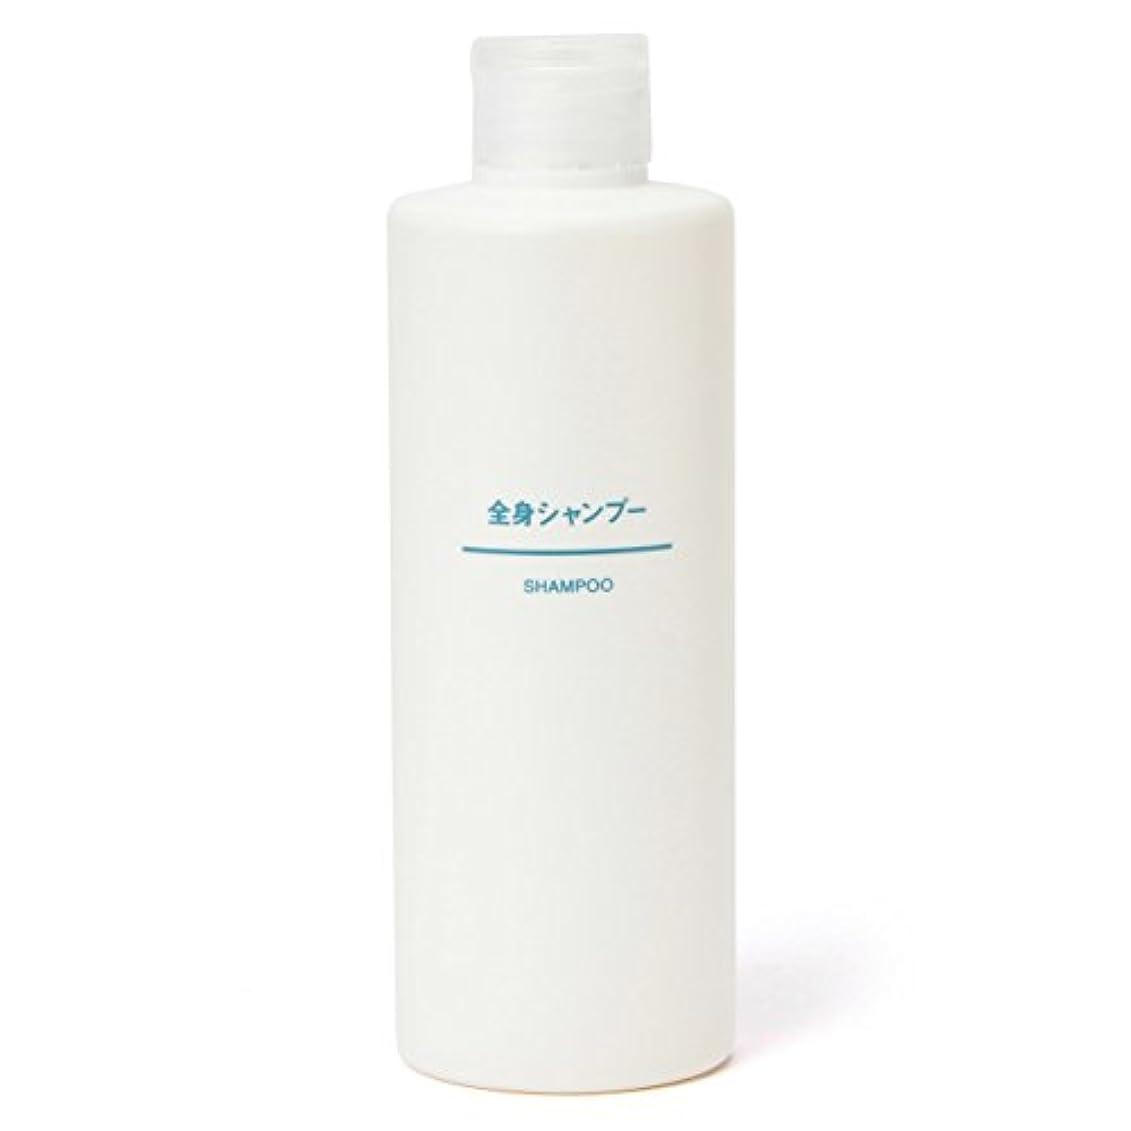 排泄物かわす豊かにする無印良品 全身シャンプー 300ml 日本製